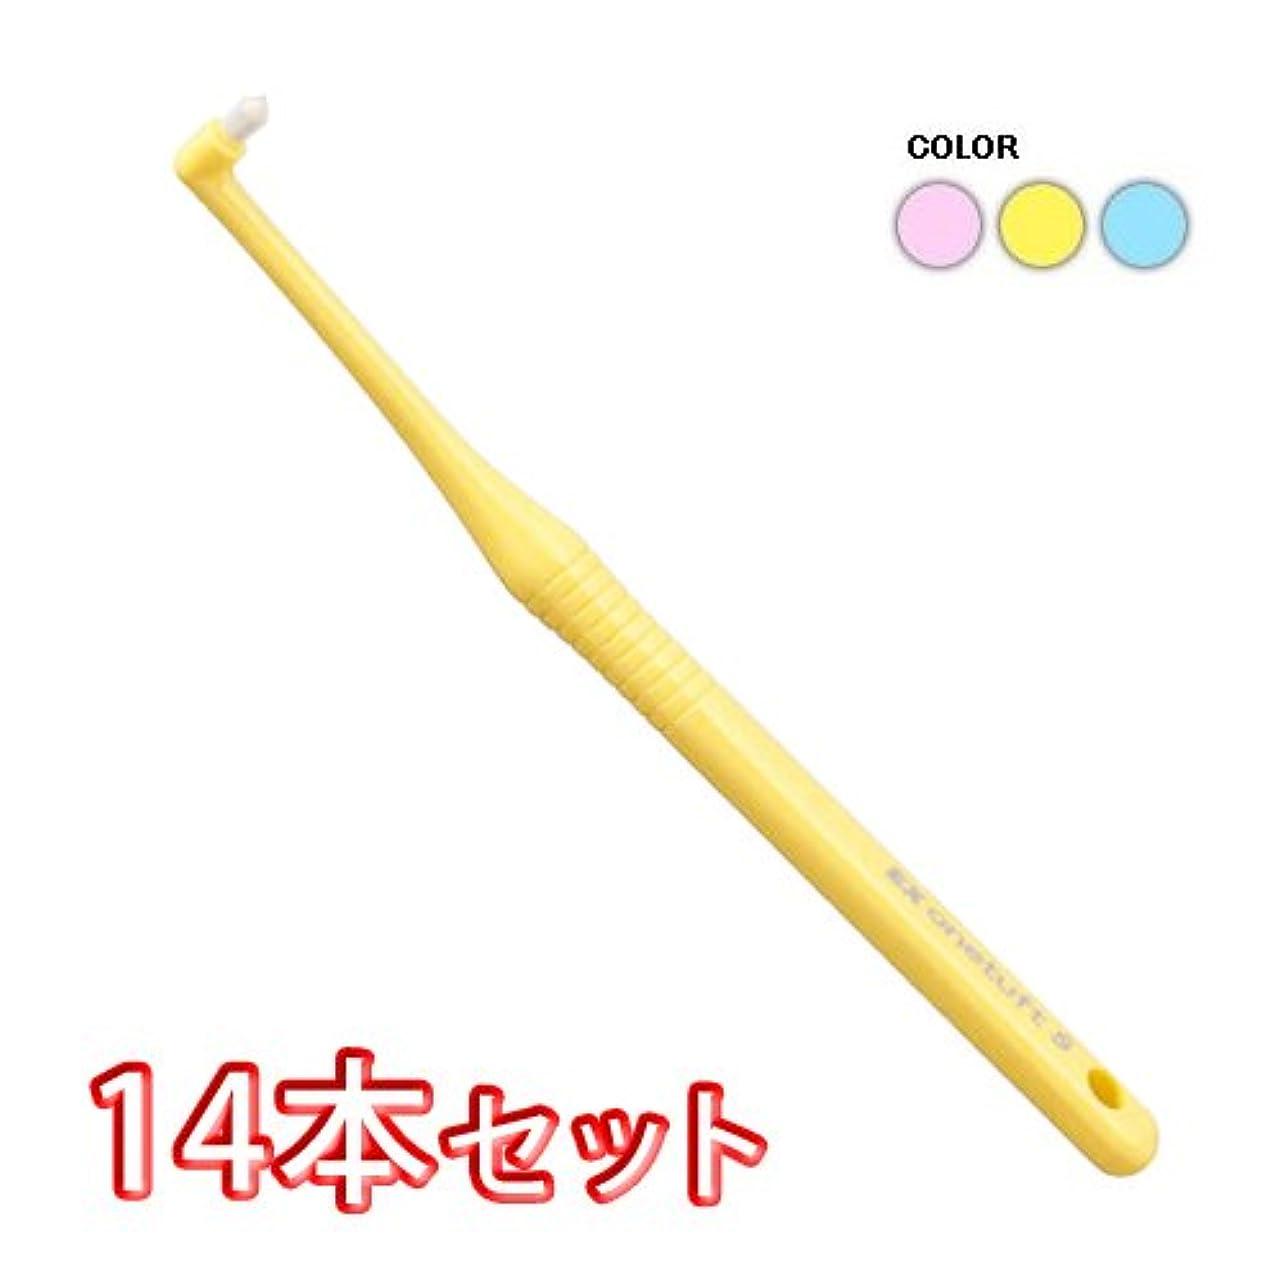 言う何故なのタップライオン デント EX ワンタフト 歯ブラシ onetuft (S) (14本入)